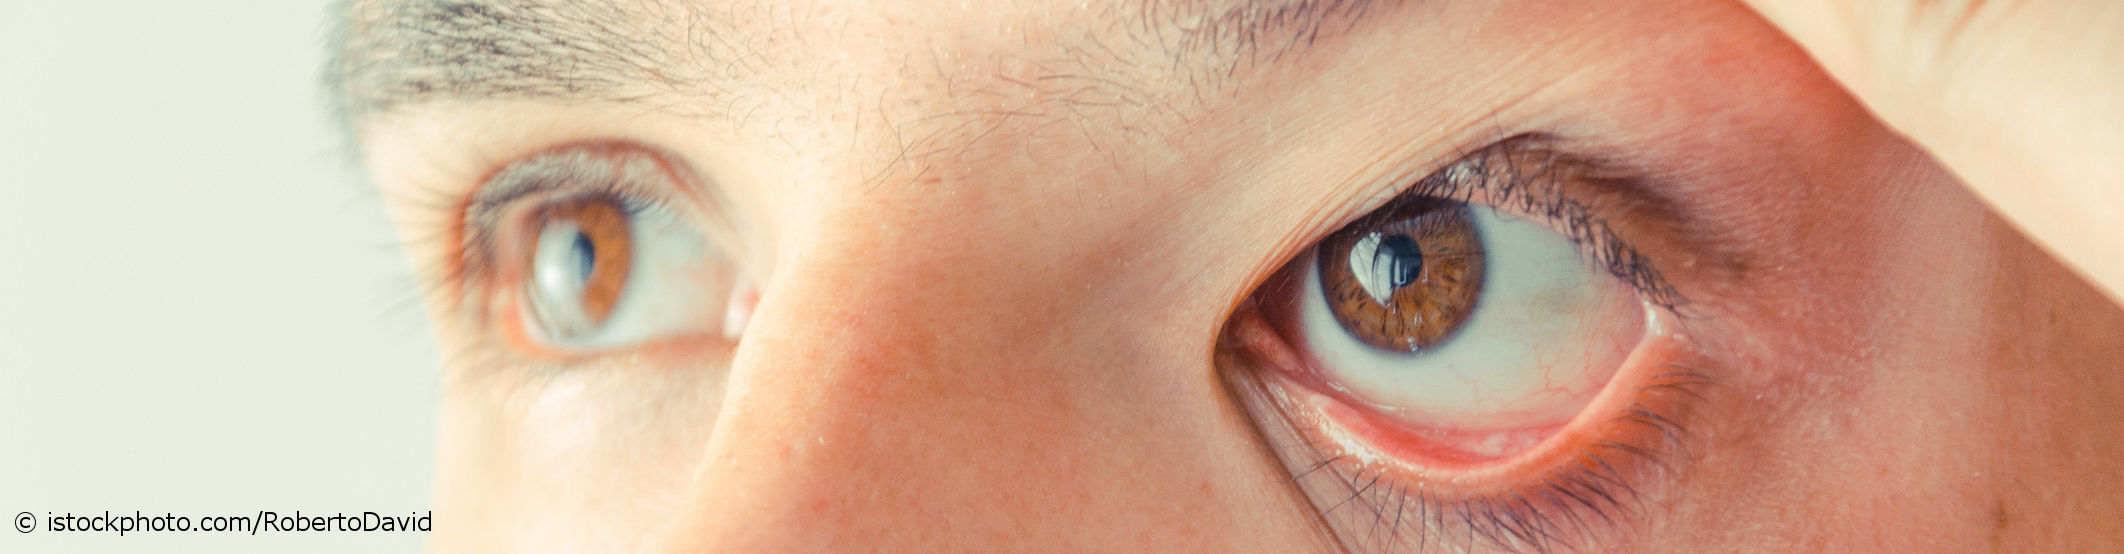 Mann mit trockenen Augen zieht Ober- und Unterlid seines Auges nach oben.